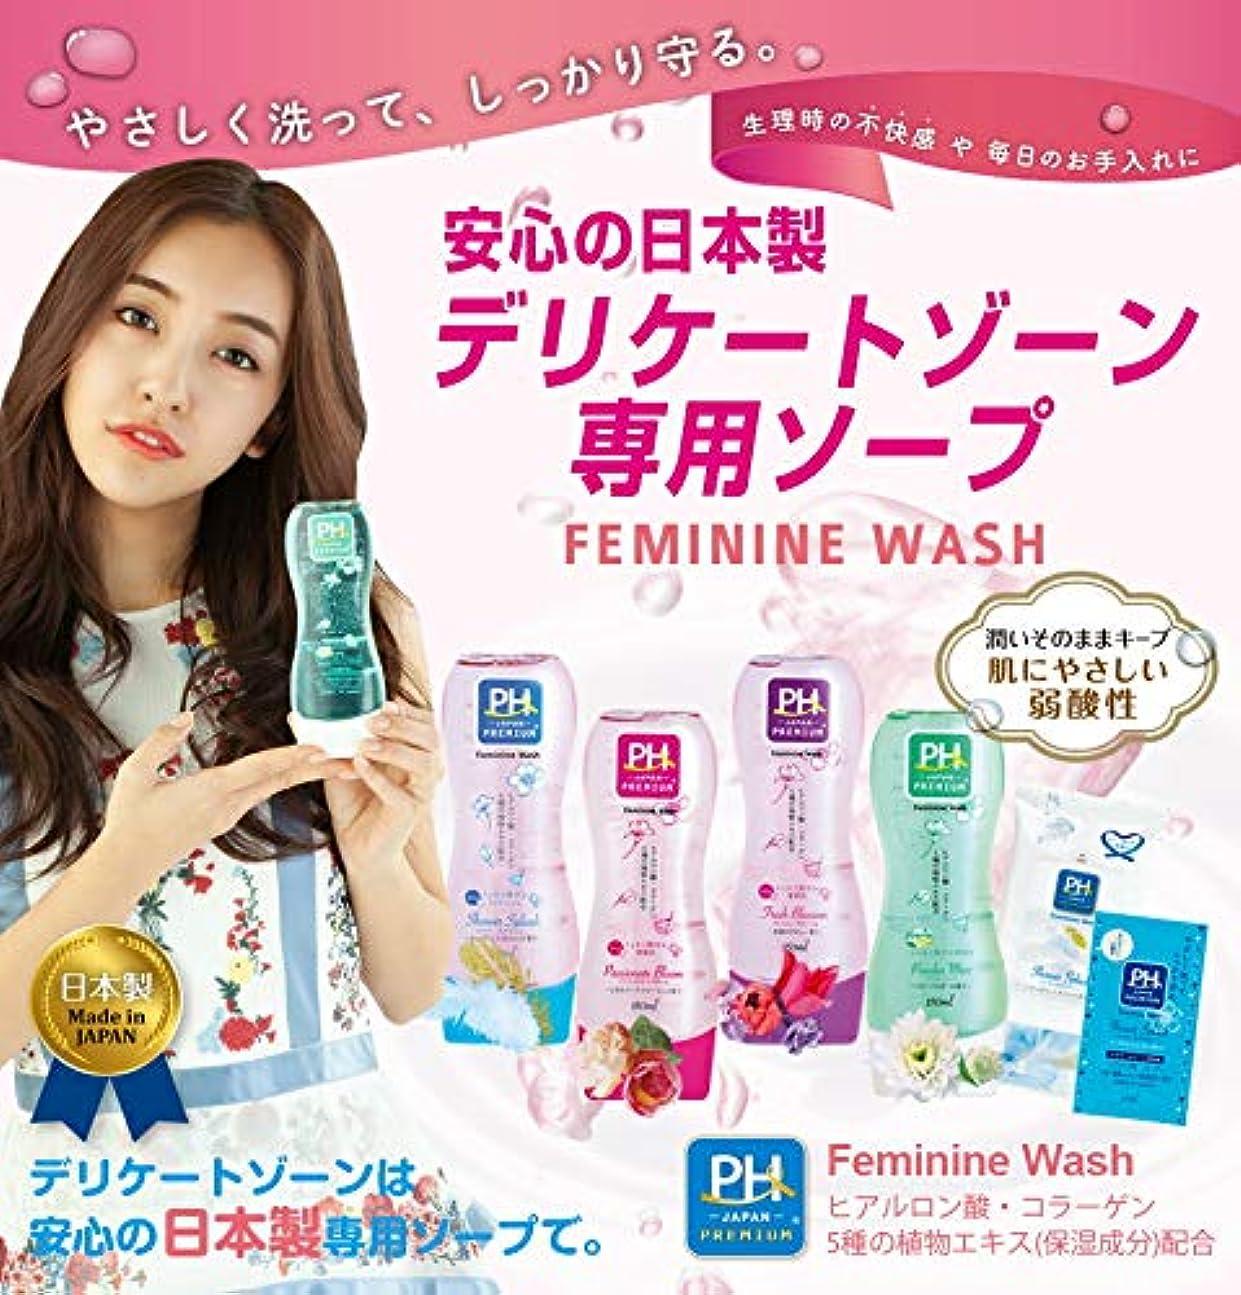 組み合わせジョージエリオット排除するPH JAPAN プレミアム フェミニンウォッシュ パッショネイトブルーム150ml上品なローズフローラルの香り 3本セット